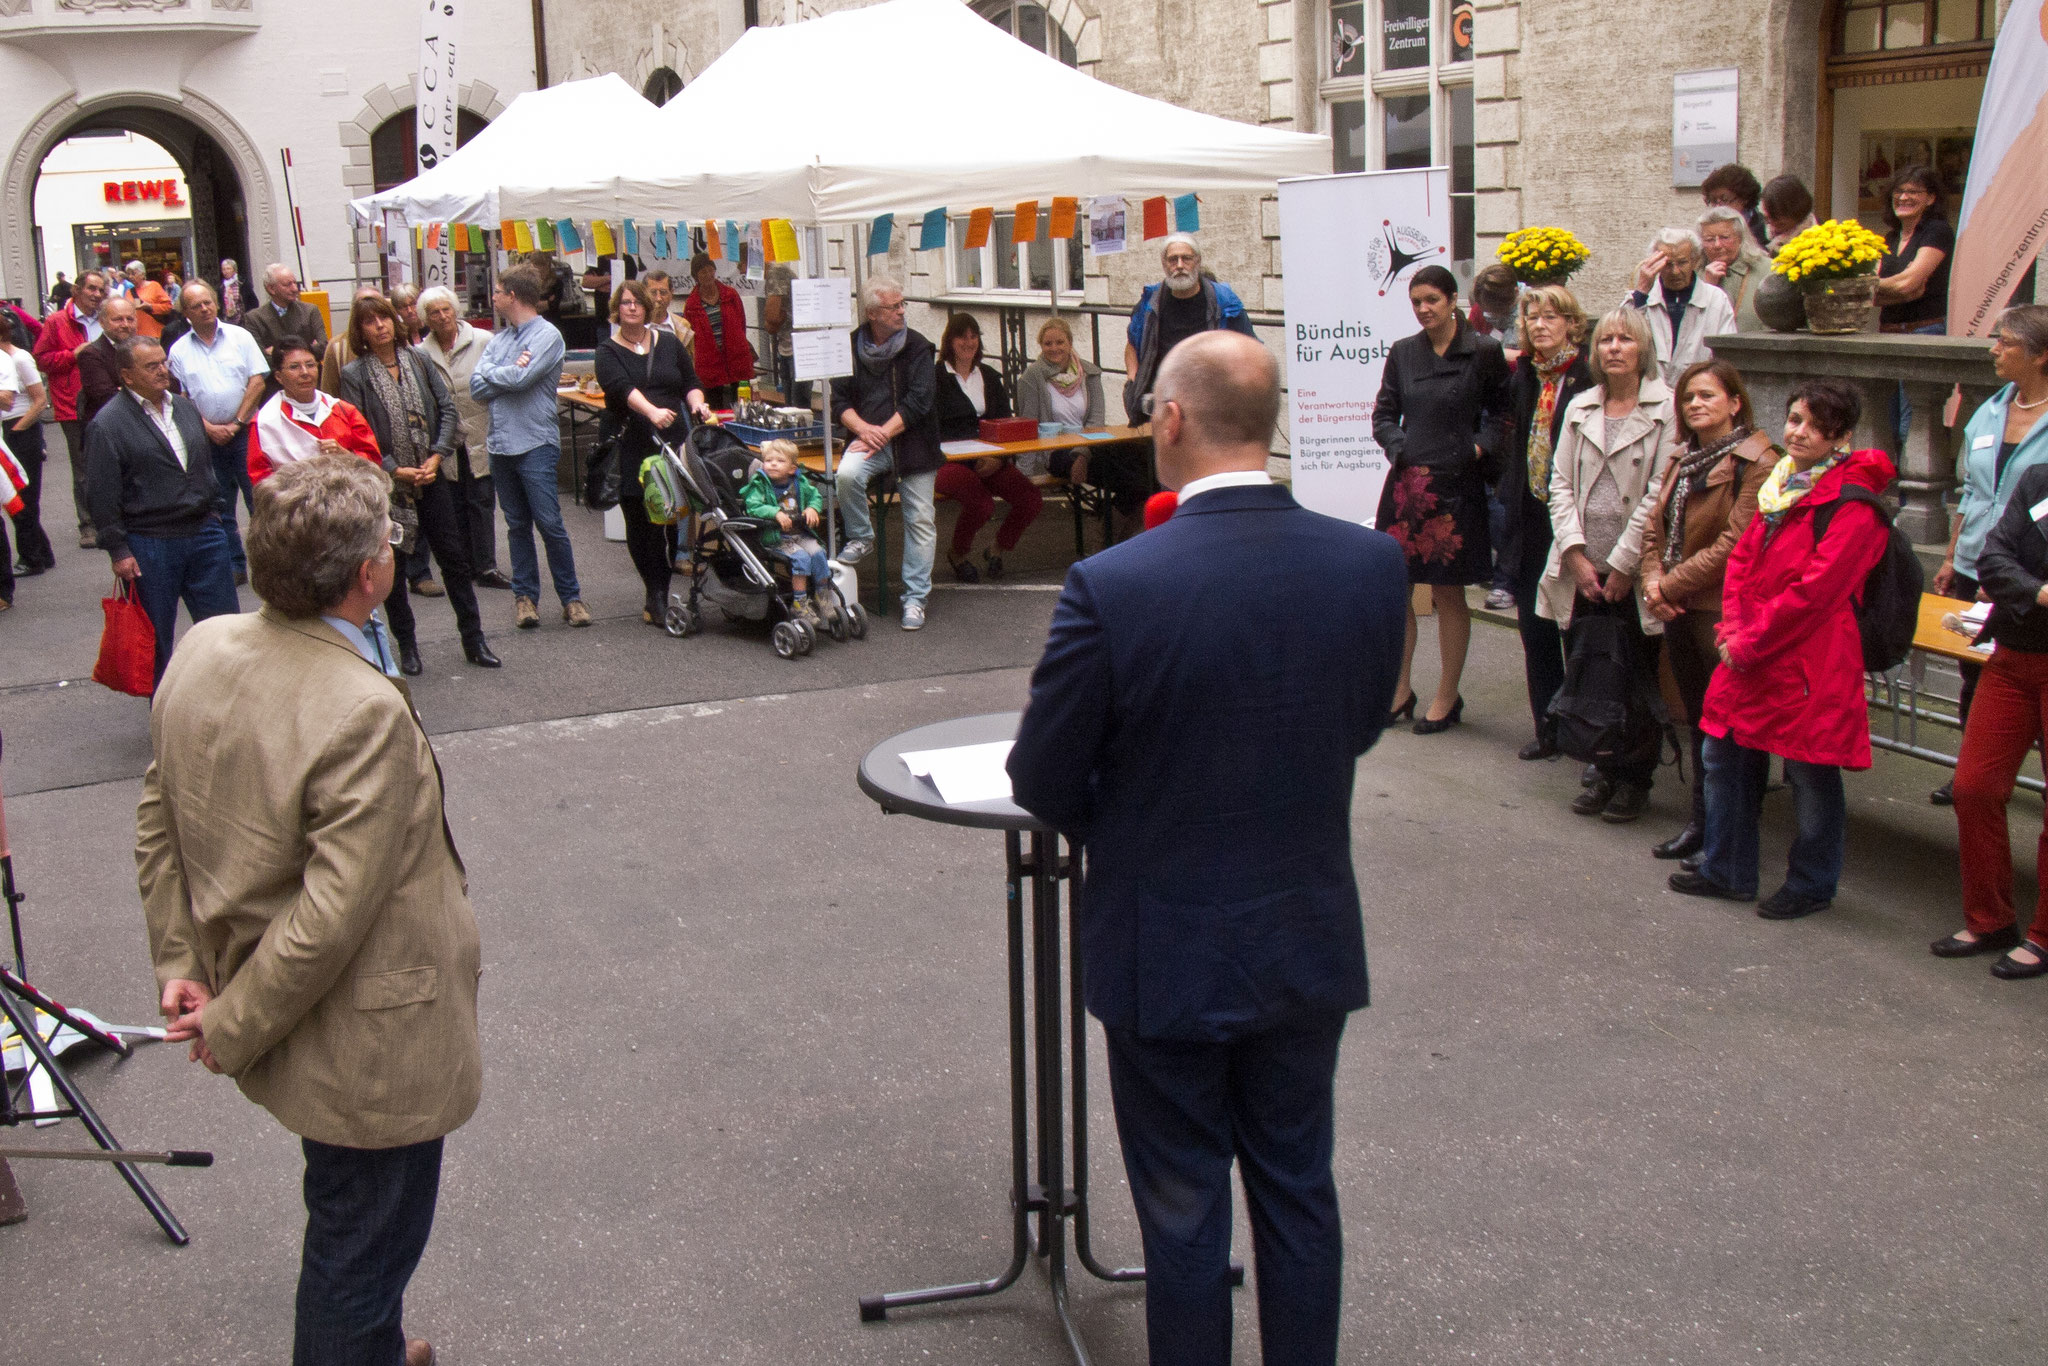 10 Jahre Freiwilligen-Zentrum Augsburg im Bürgertreff- Bürgerhof 2014 - Foto: Robert Hösle